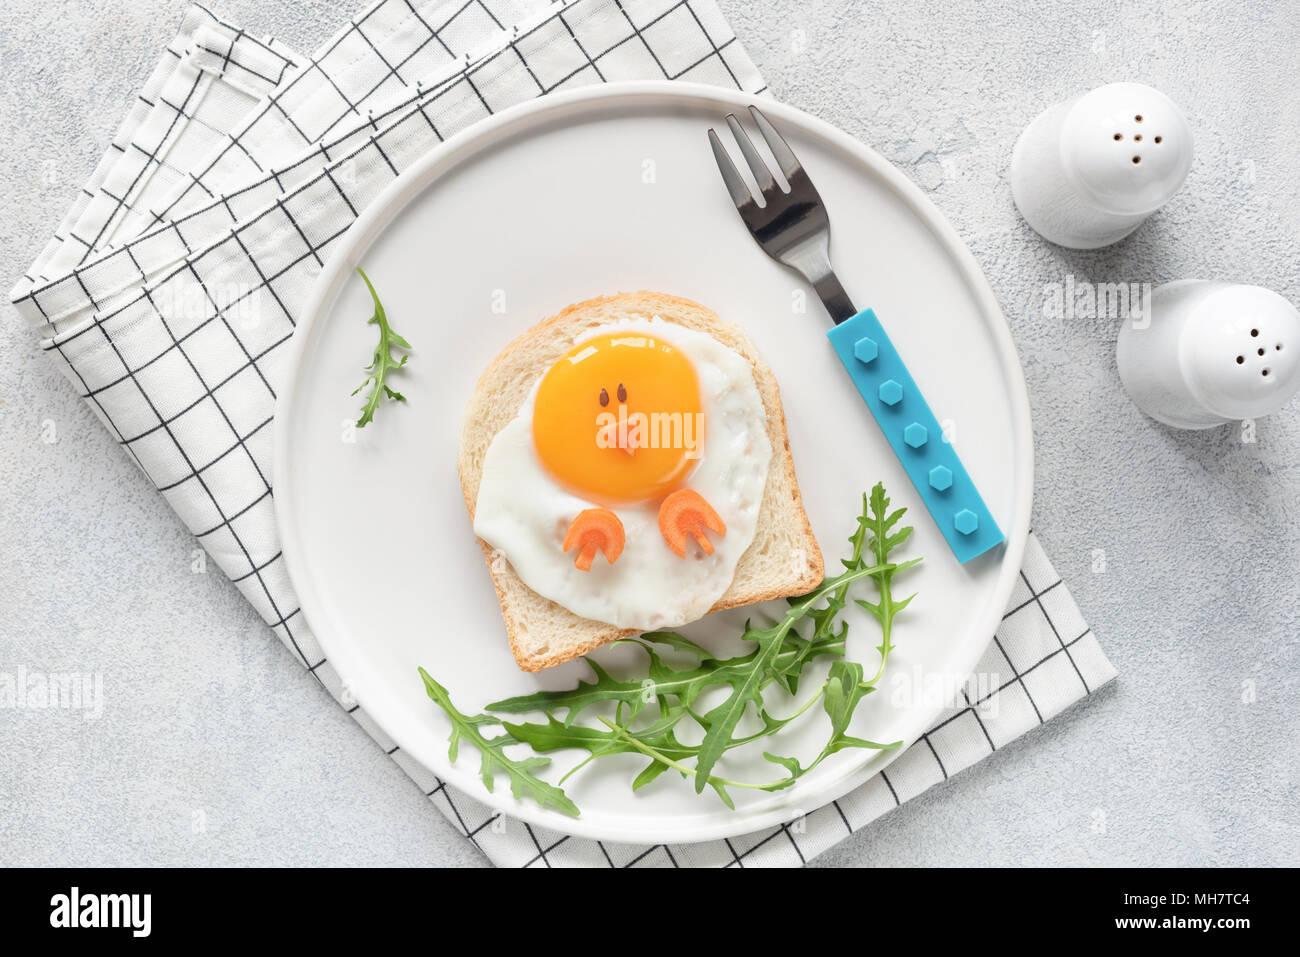 Funny cute le petit déjeuner pour les enfants. En forme de poulet sandwich ou pain grillé sur plaque blanche. L'idée de l'Art. Mise à plat. Vue de dessus de table Photo Stock